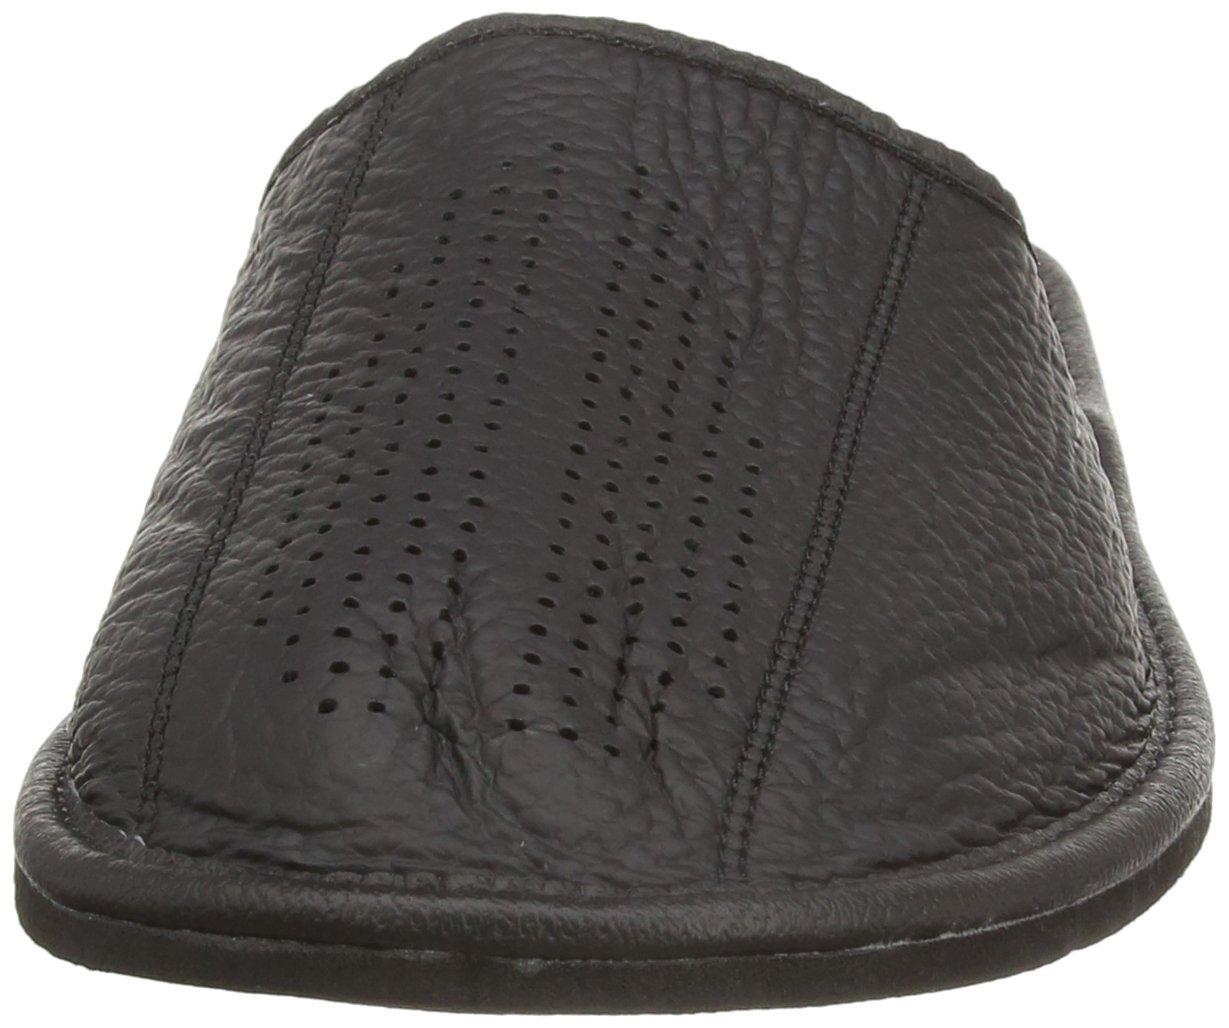 Auténtica piel de hombres zapatillas, chanclas, Mulas con suela anatómica o forro de lana. Varios colores